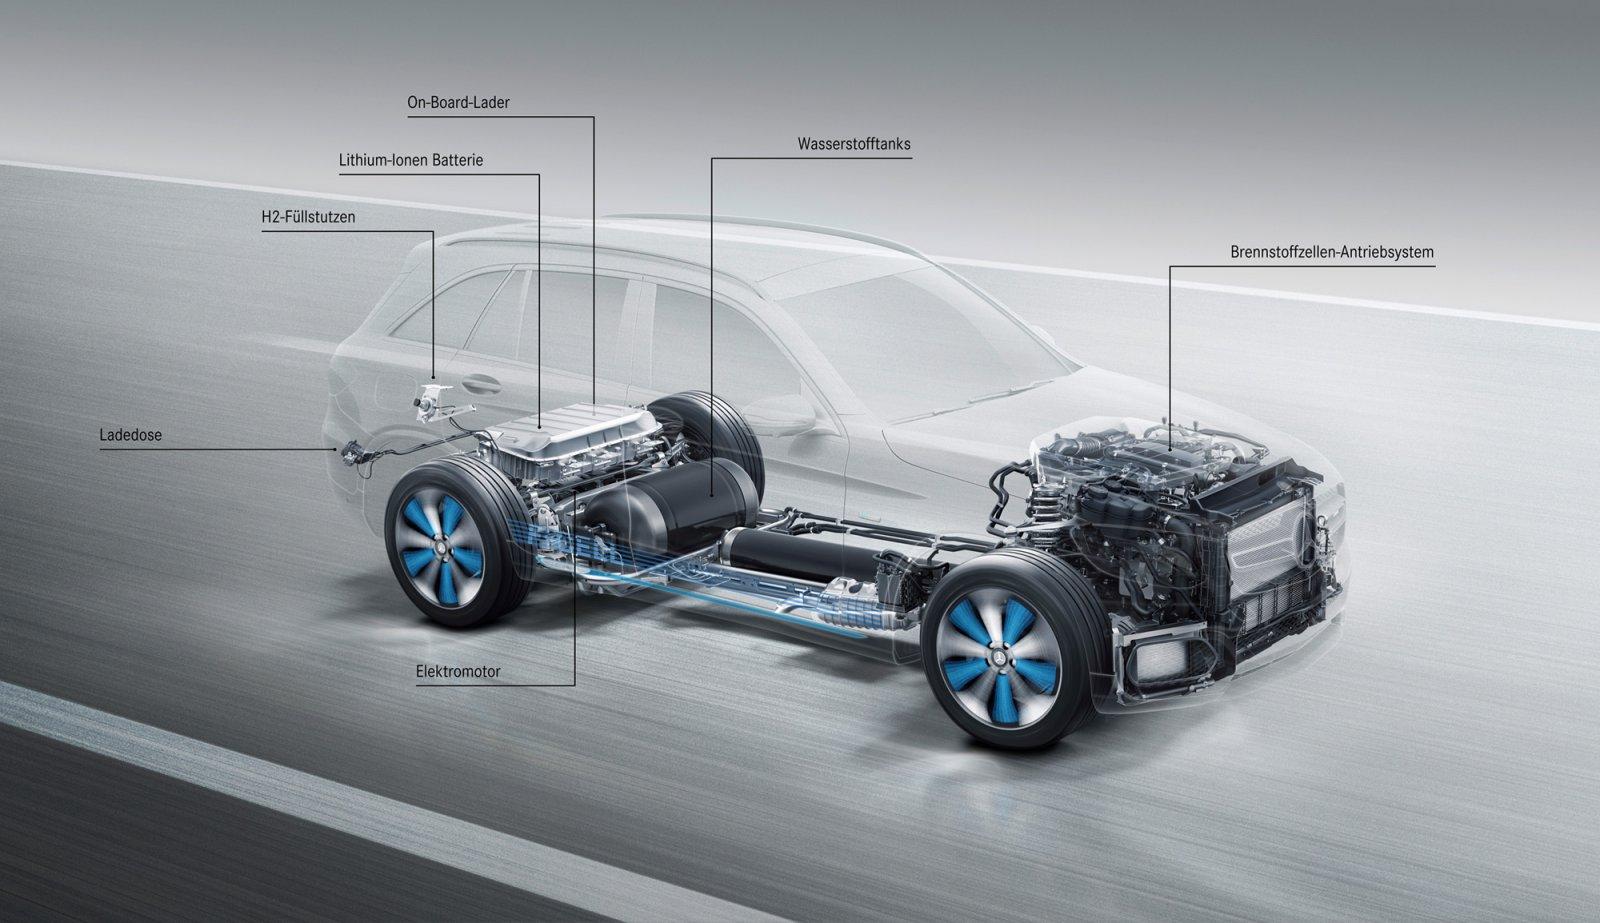 Batterier sitter under lastutrymmet. Mercedes-Benz har även minskat på platina i bränslecellsmotorn med 90% vilket minskar både kostnader och miljöpåverkan.